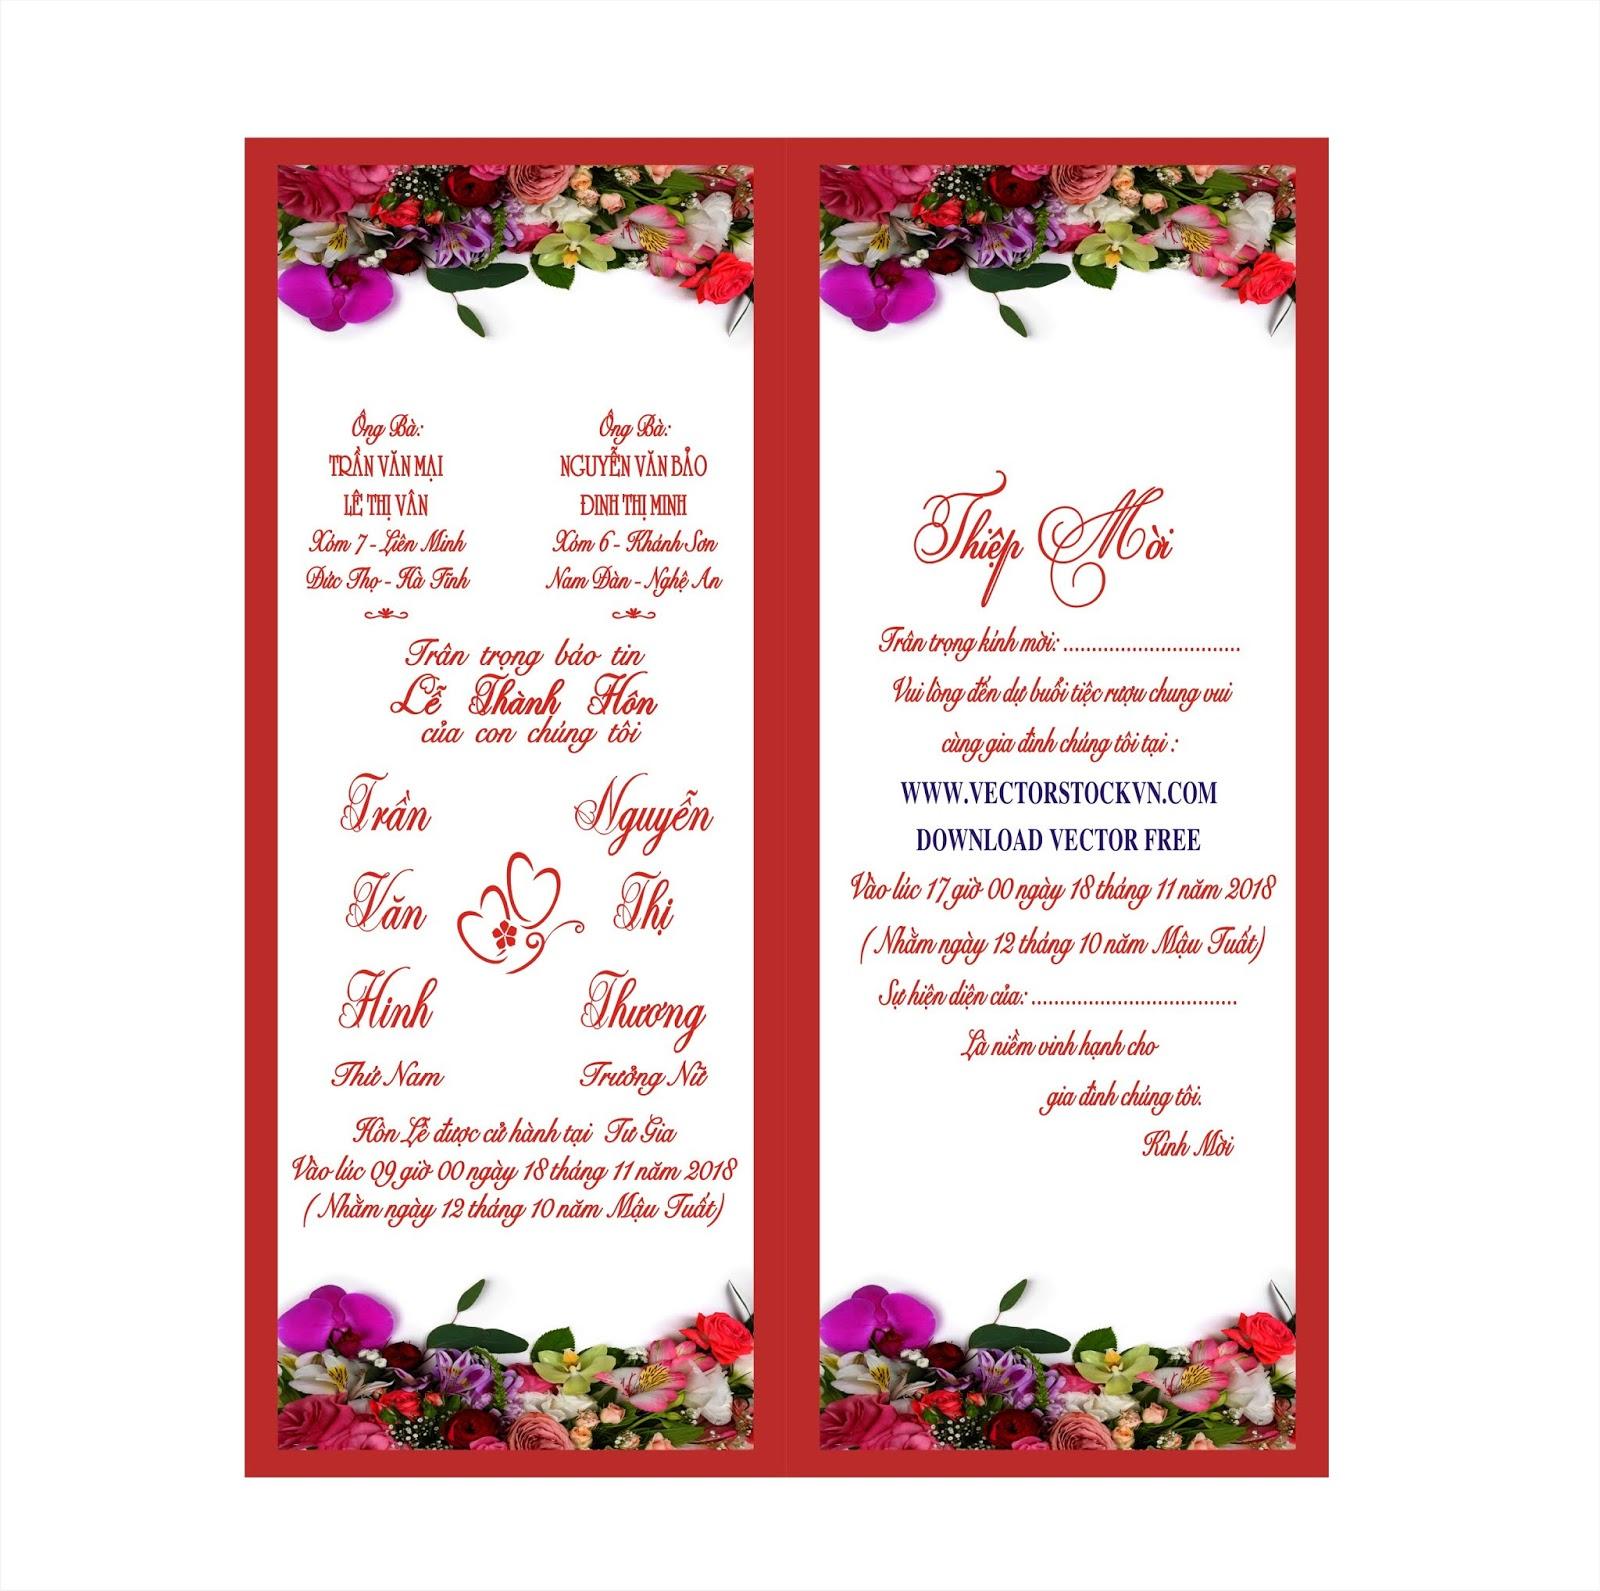 Thiệp cưới mỹ thuật free miễn phí